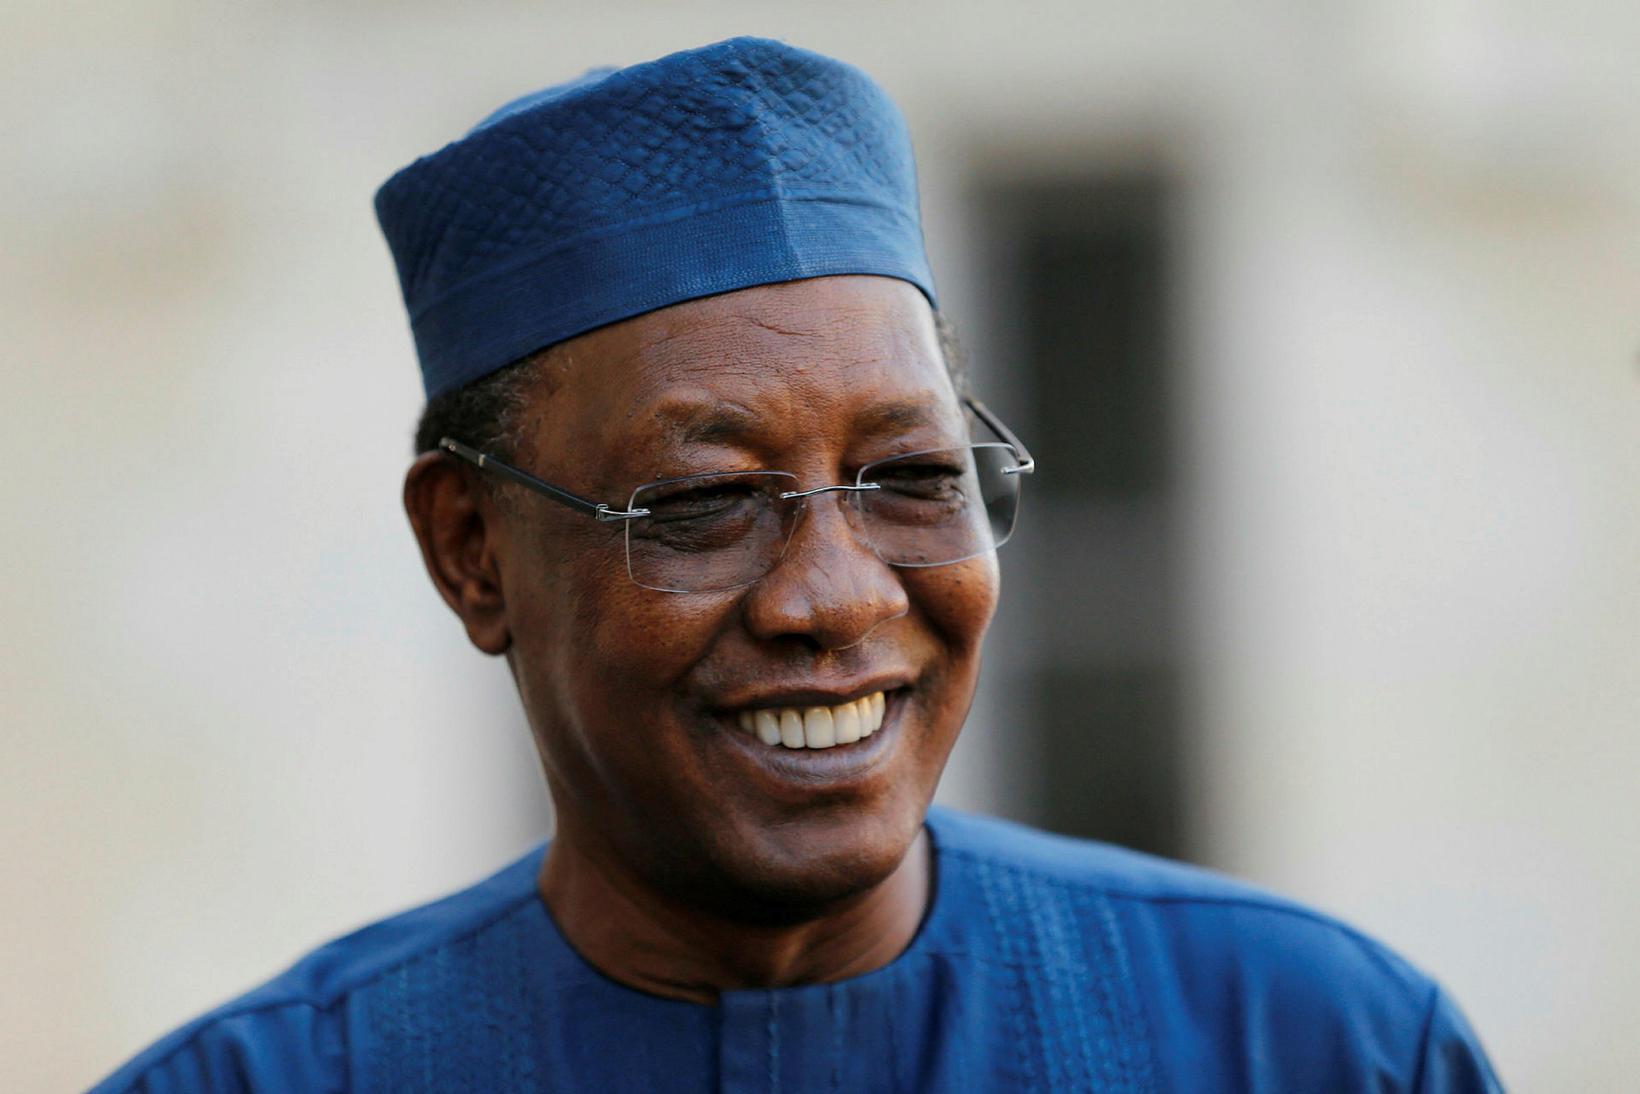 Idriss Deby hafði verið forseti Tjad frá 1990.